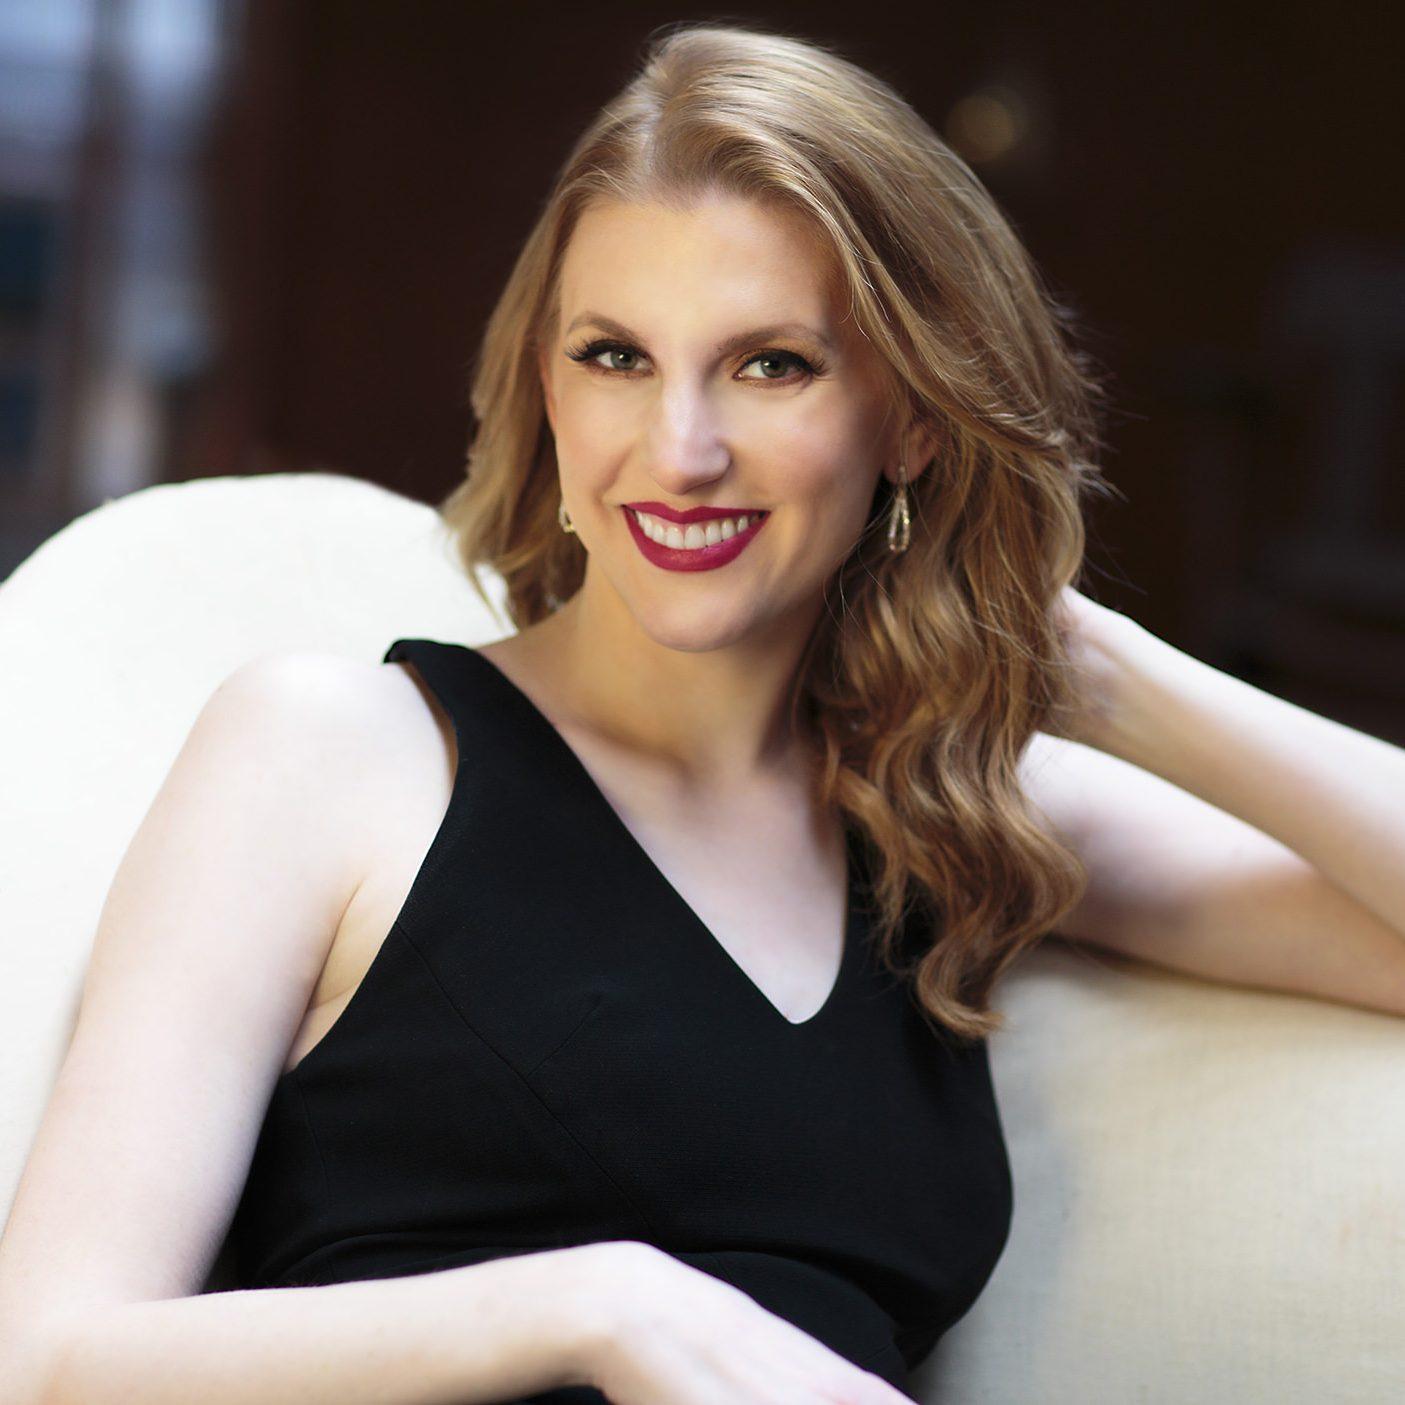 Amanda Majeski